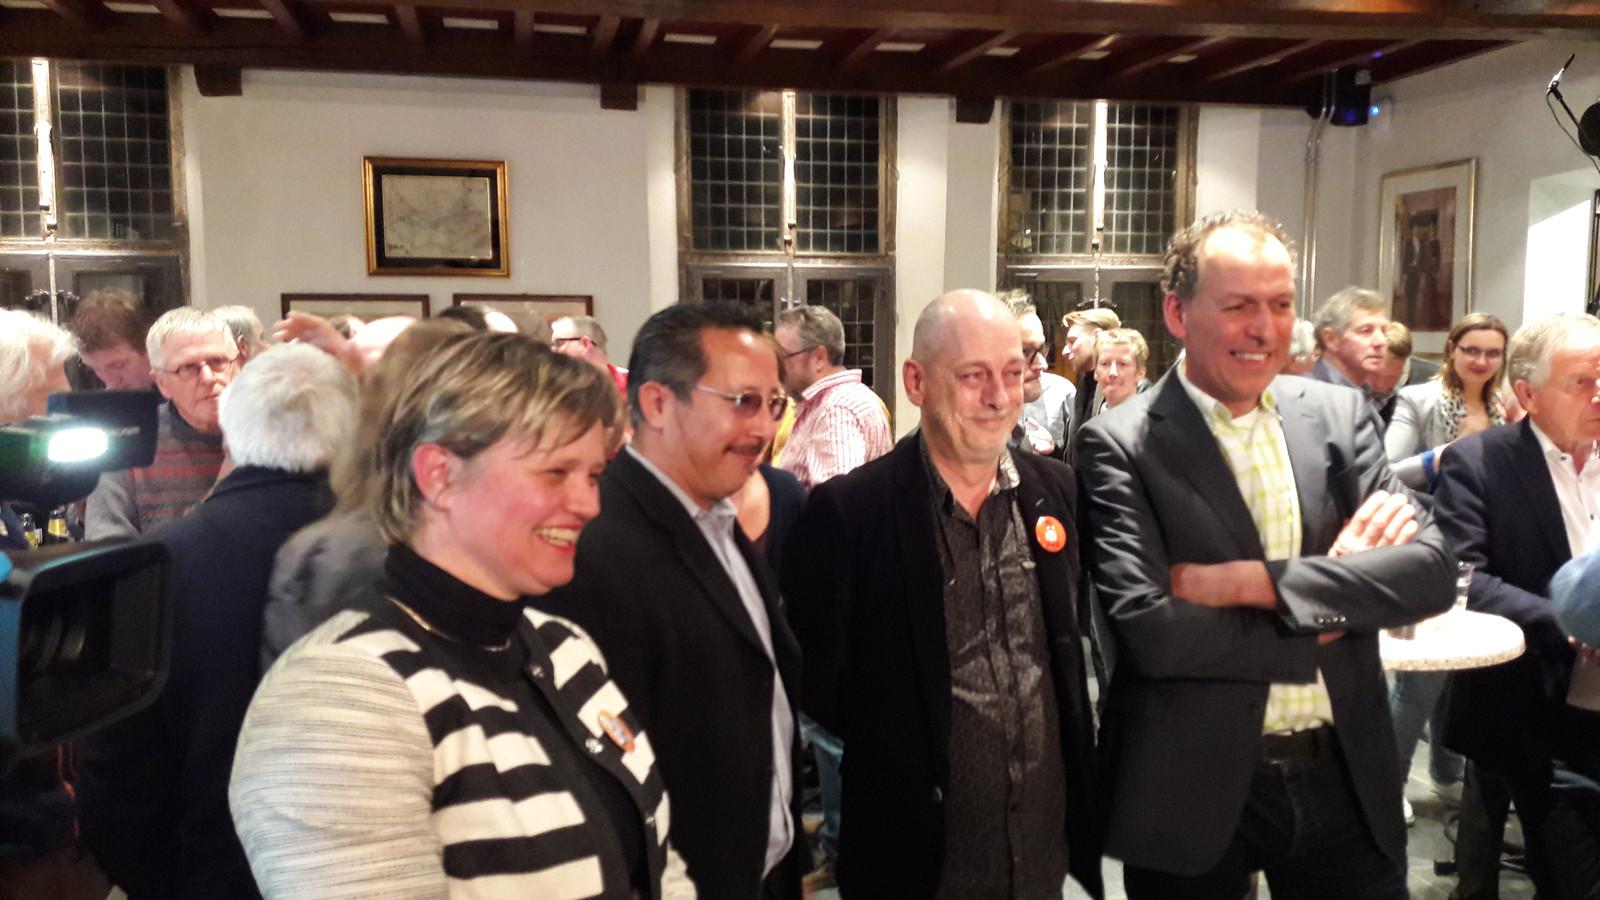 De beoogde partners in de coalitie op een rijtje. Vanaf links: Janine van Hulsteijn (VVD), Rob Janssen (SP) en Jacques van Bergen (CDA).  Luc Brouwers ( tussen Janssen en Van Bergen) vormt met zijn PvdA-fractie en D66 straks de oppositie in de raad.